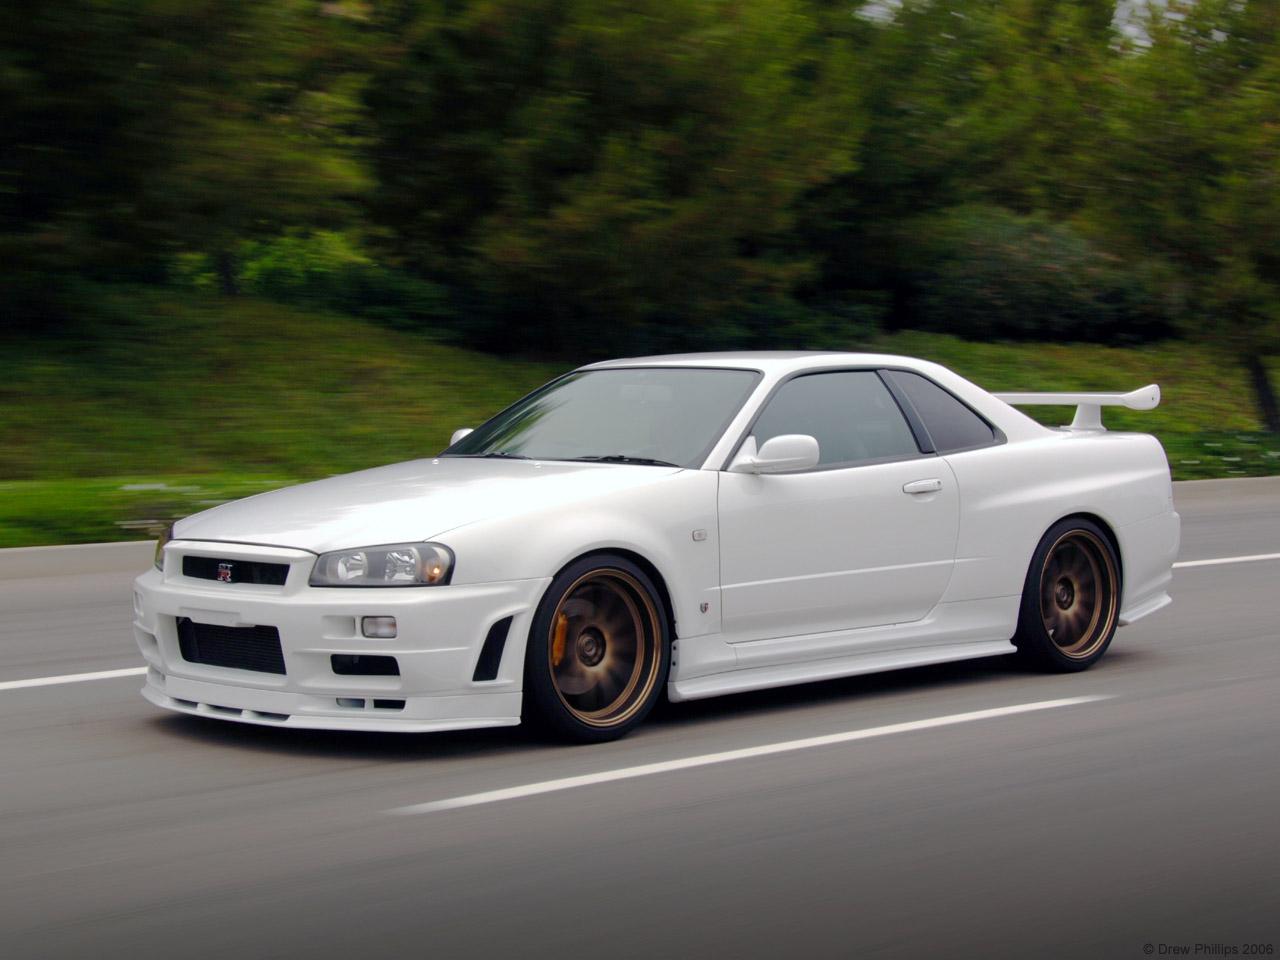 Jdm Blog Nissan Skyline R34 Gtr Wallpaper